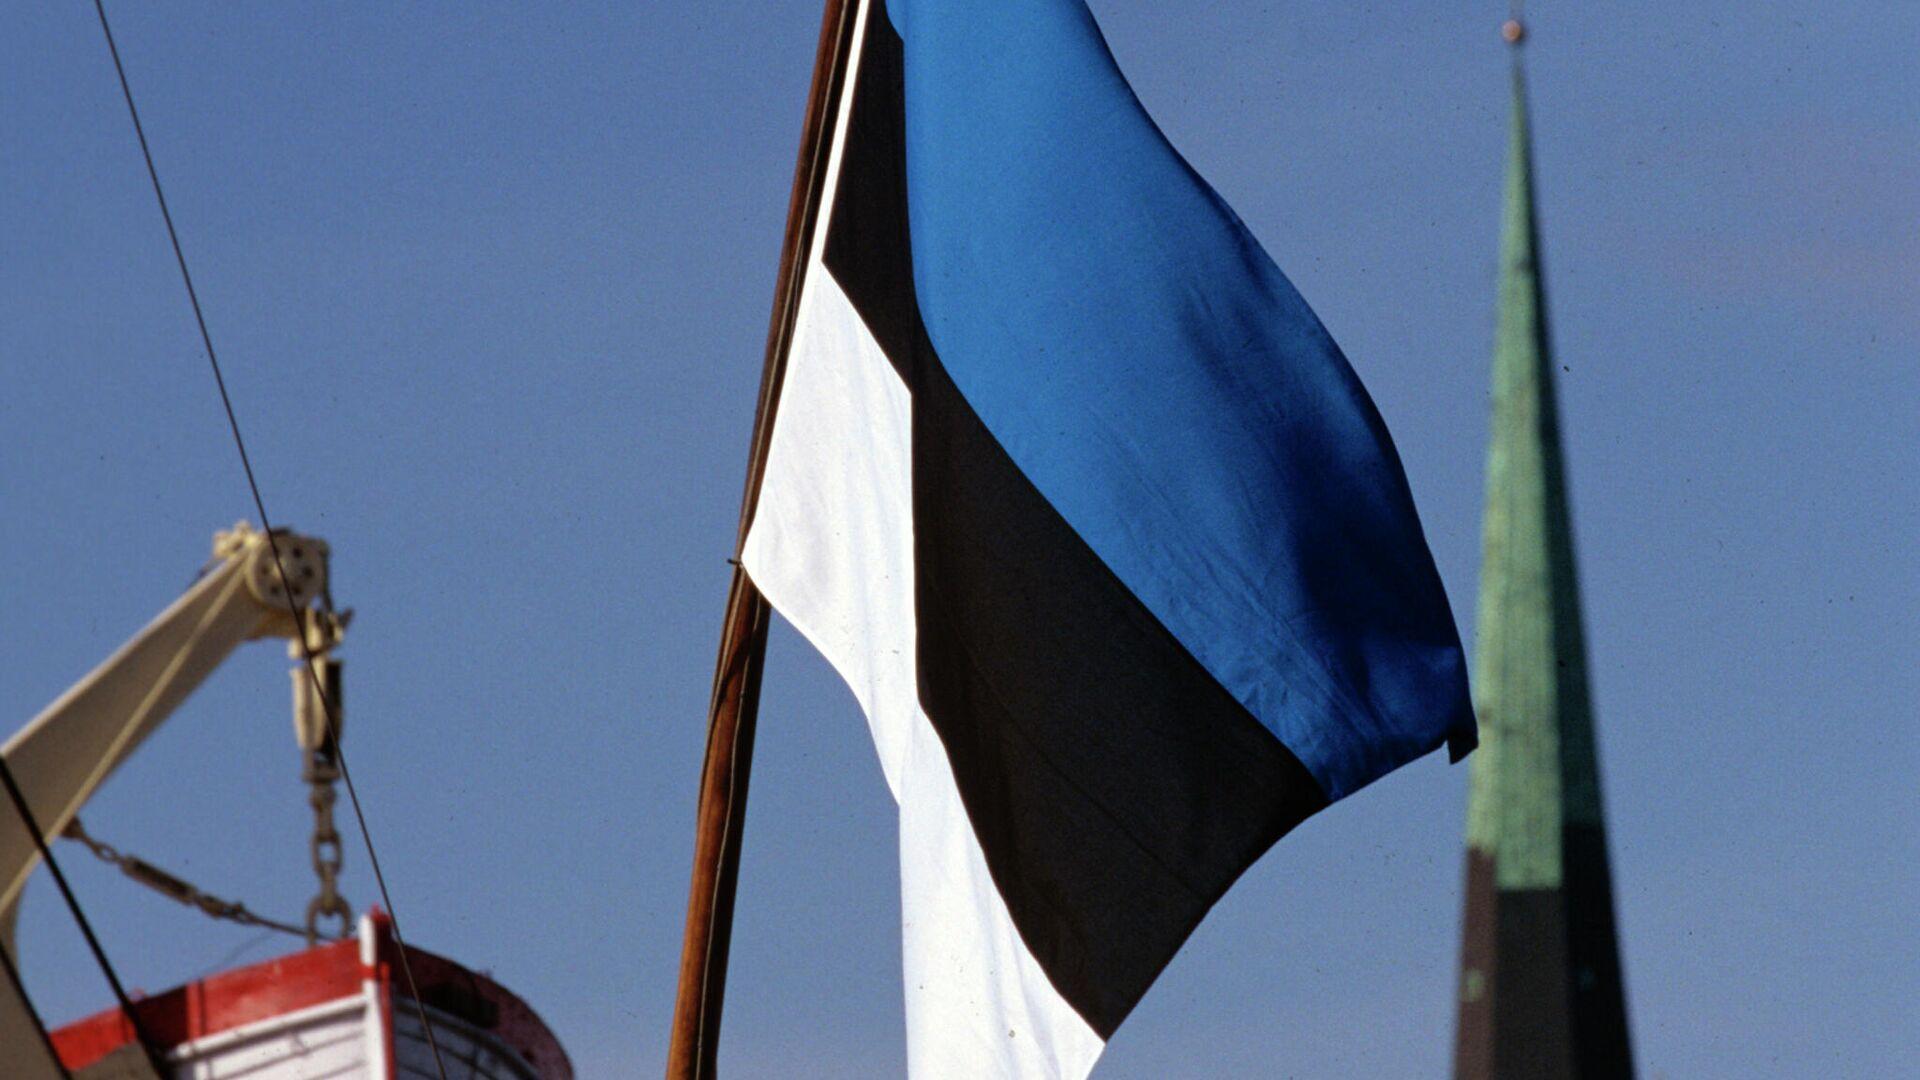 Государственный флаг Эстонии  - РИА Новости, 1920, 27.04.2021